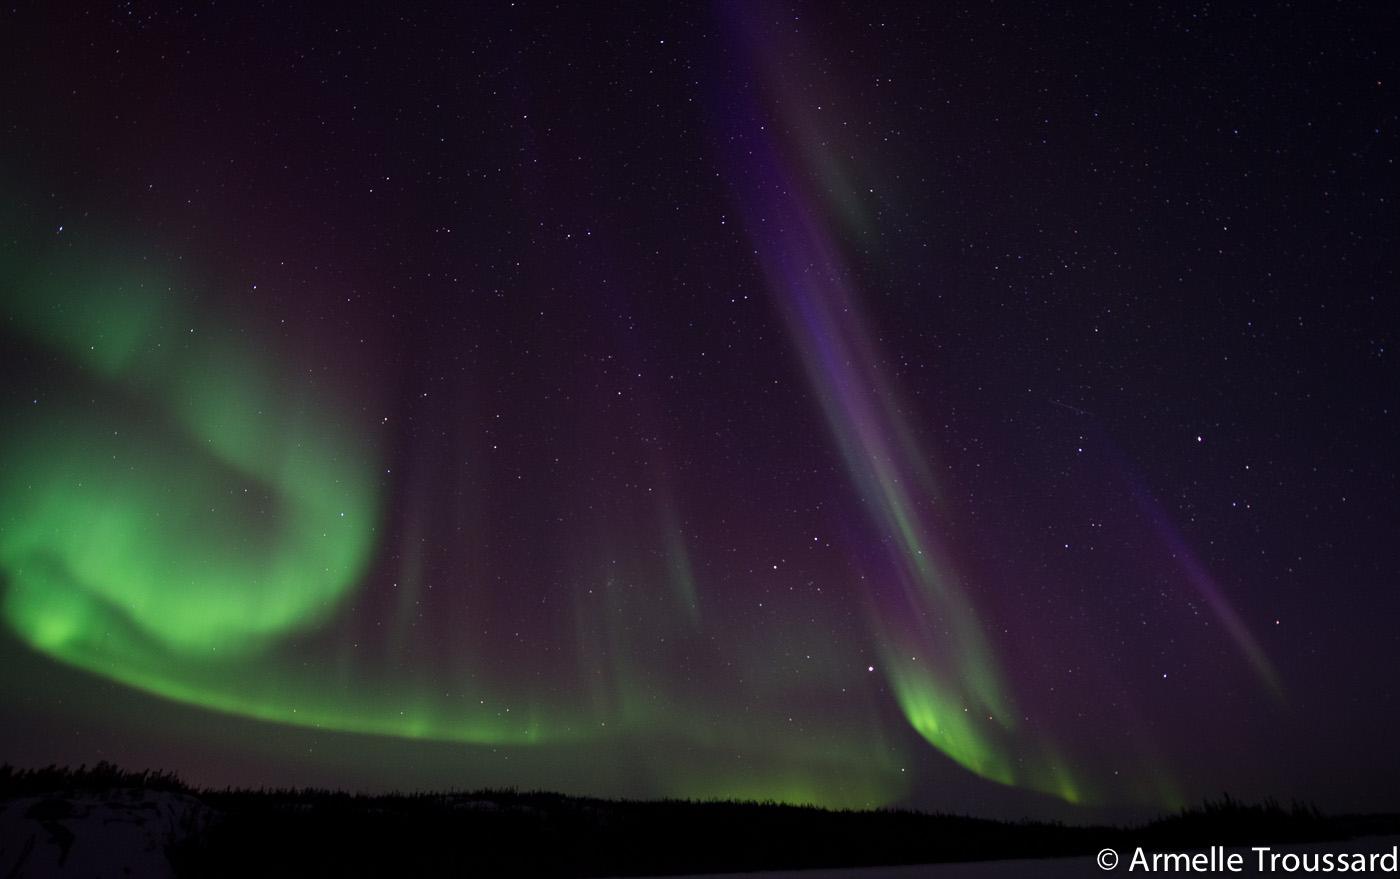 Aurora Borealis in the Northwest Territories, Canada